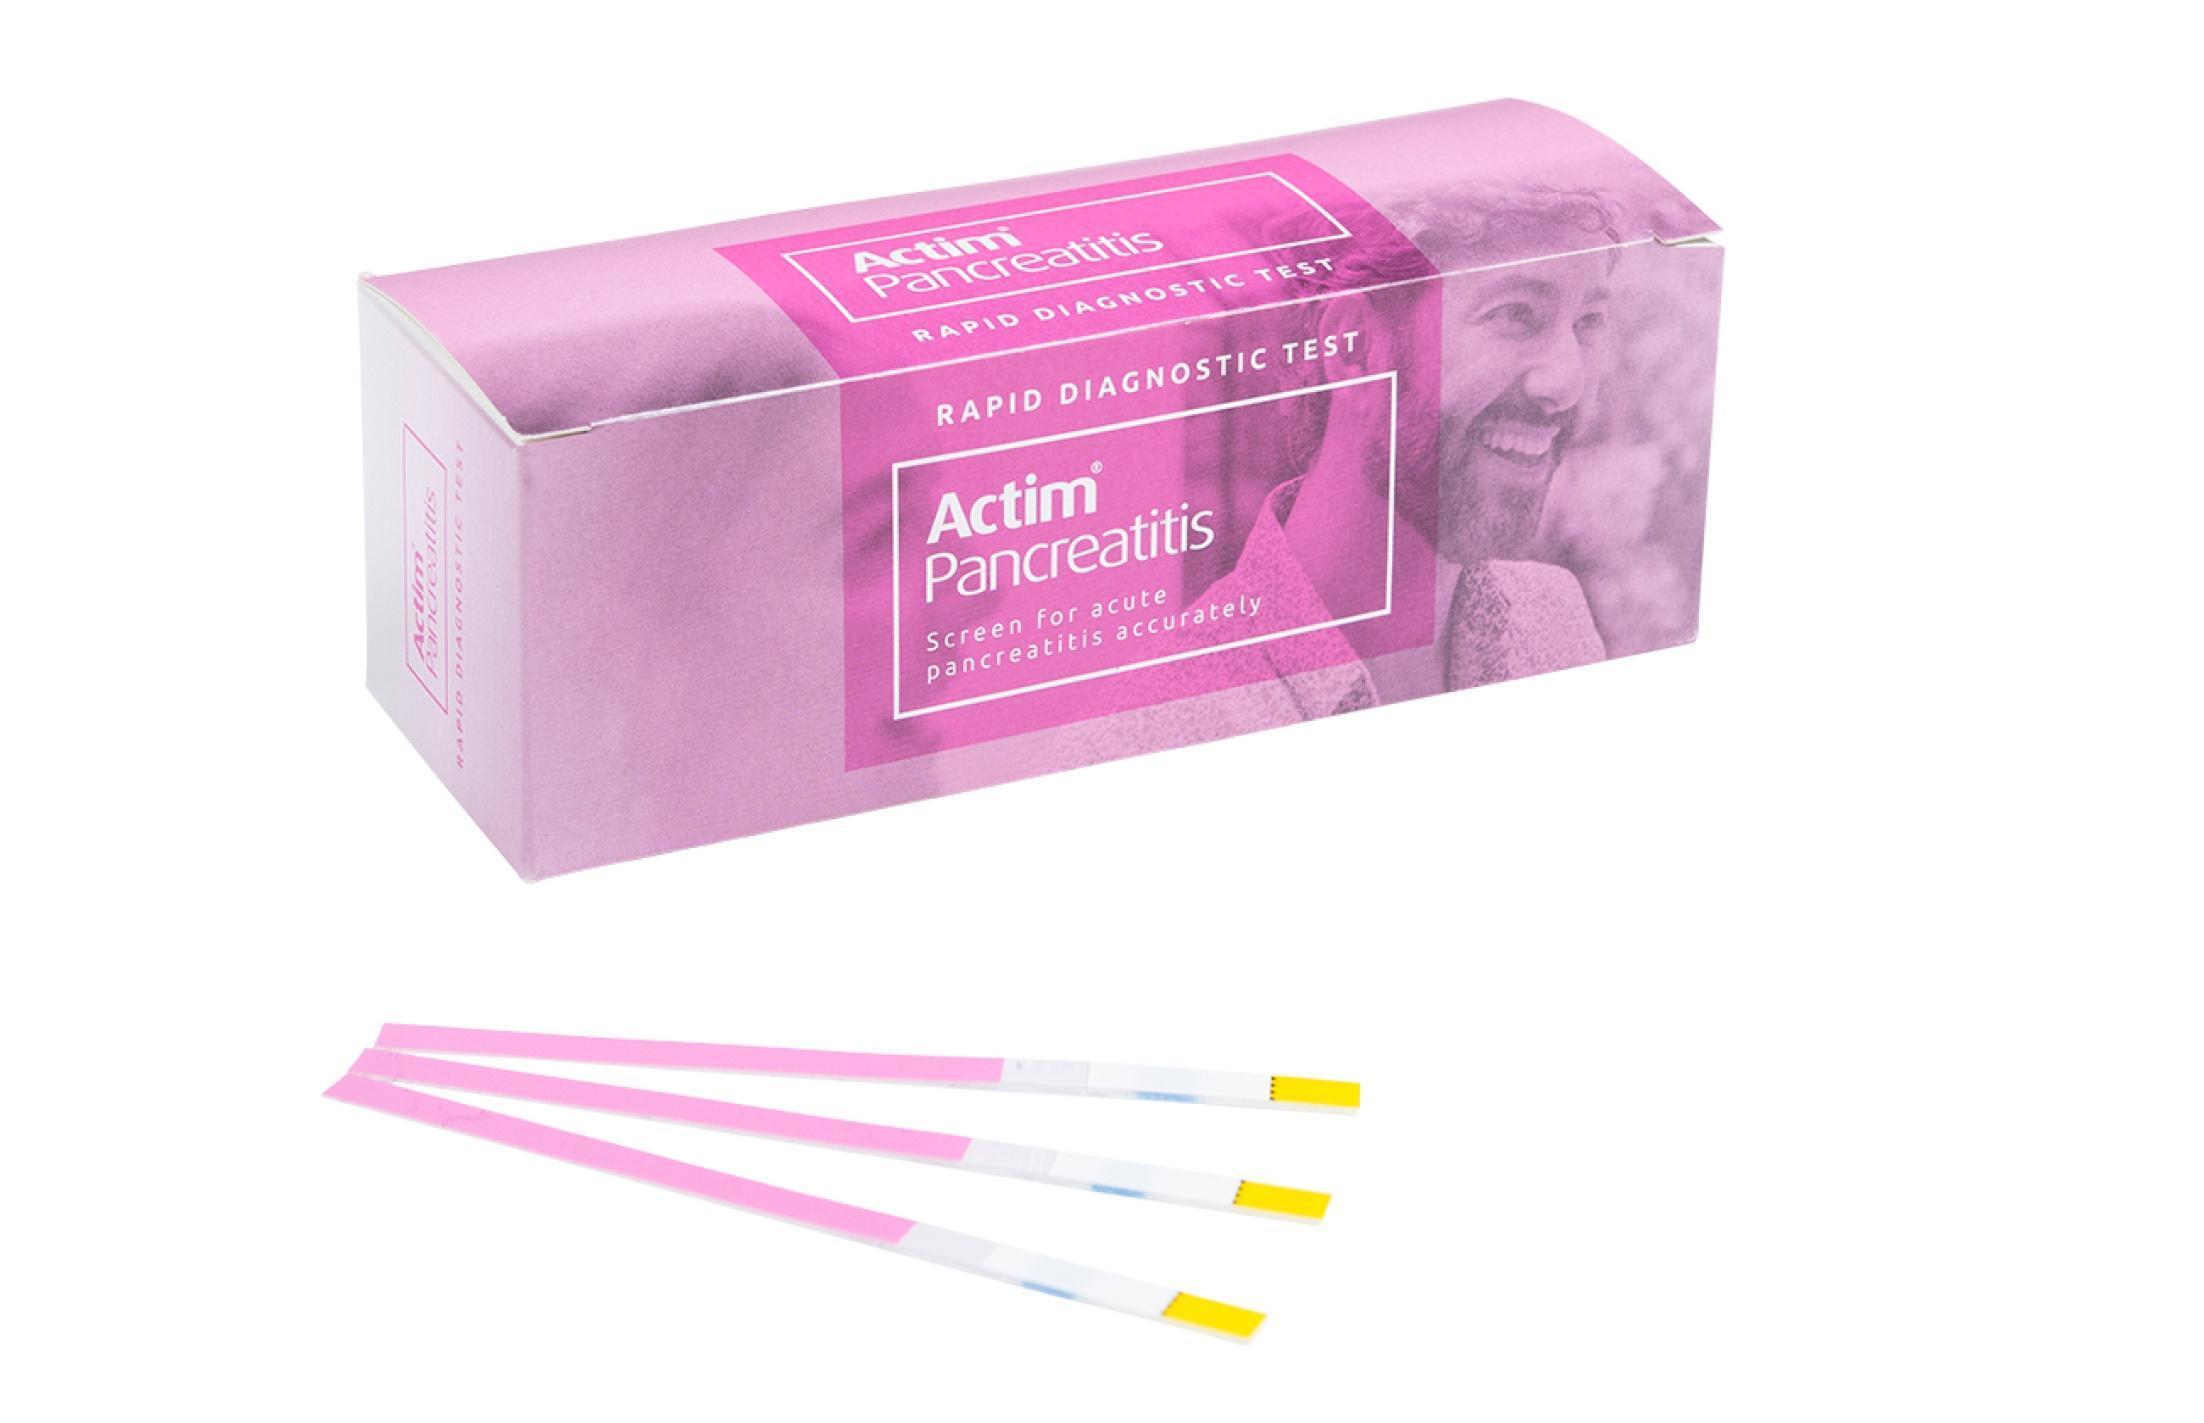 Actim Pancreatitis test kit